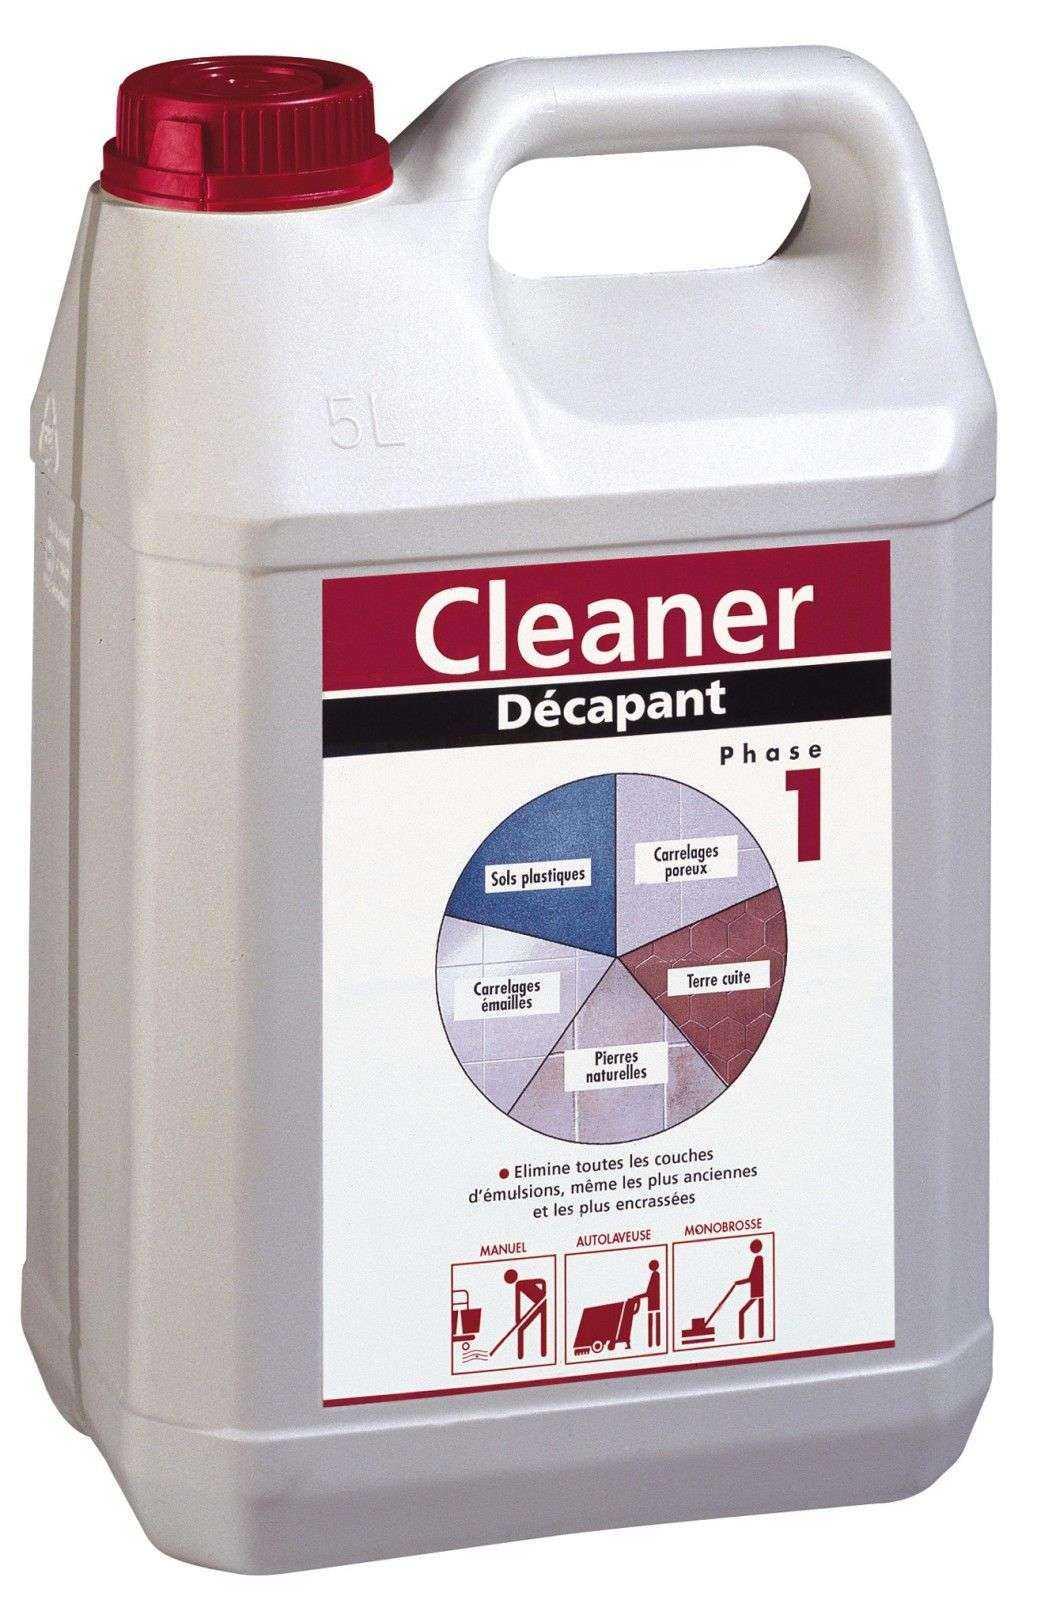 Cleaner decapant le bidon de 5 l - Nettoyage toilettes encrassees ...